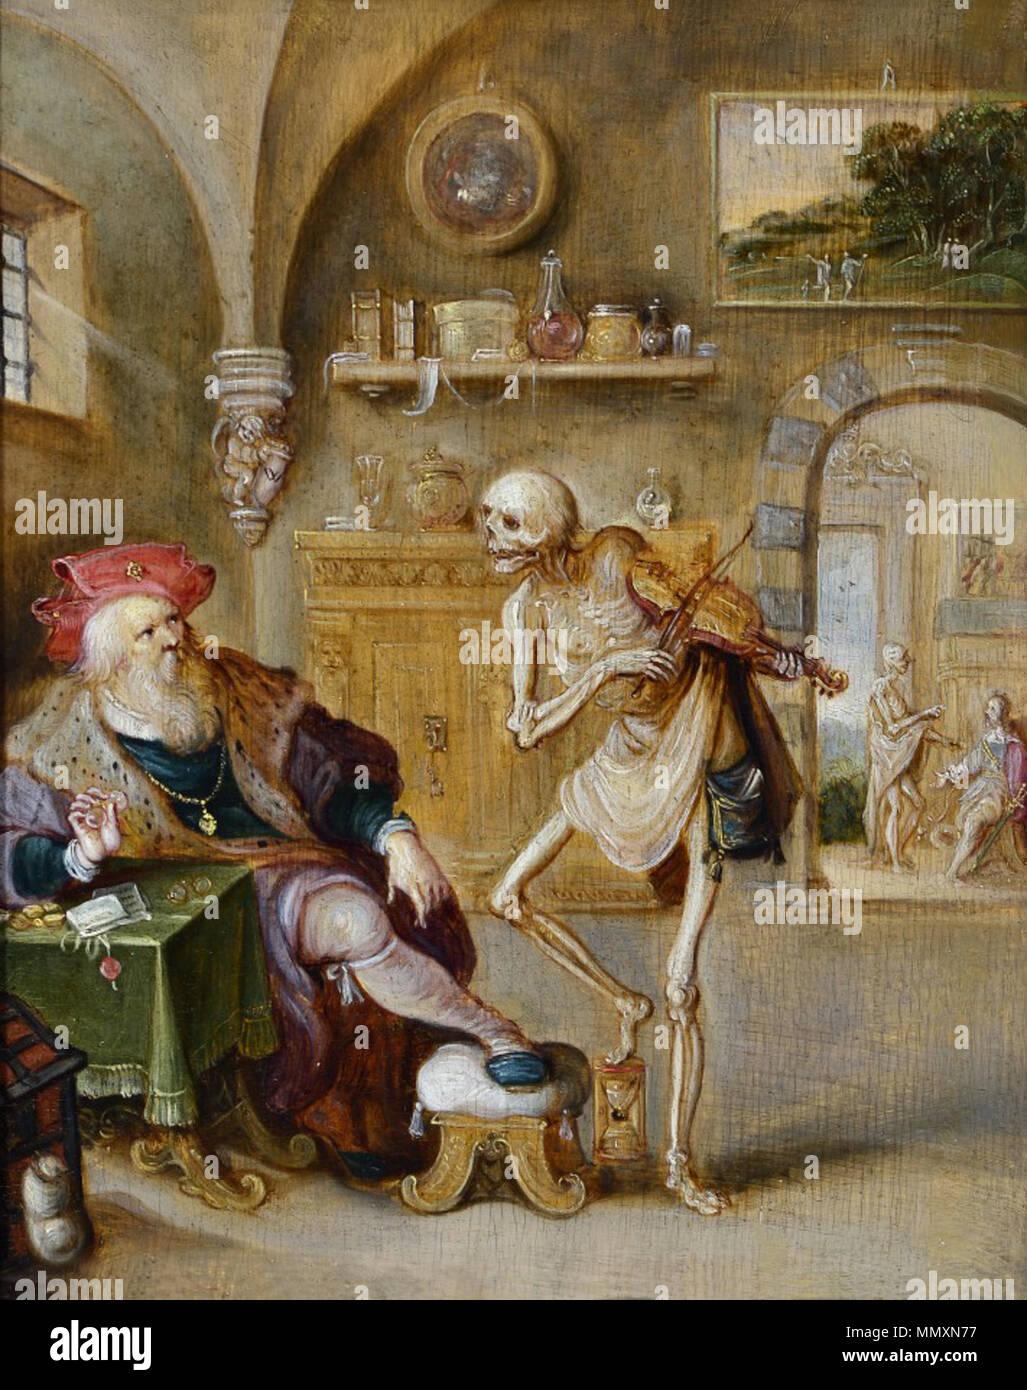 Inglés La Muerte Tocando El Violín Siglo Xvii Frans Francken Ii La Muerte Tocando El Violín Fotografía De Stock Alamy